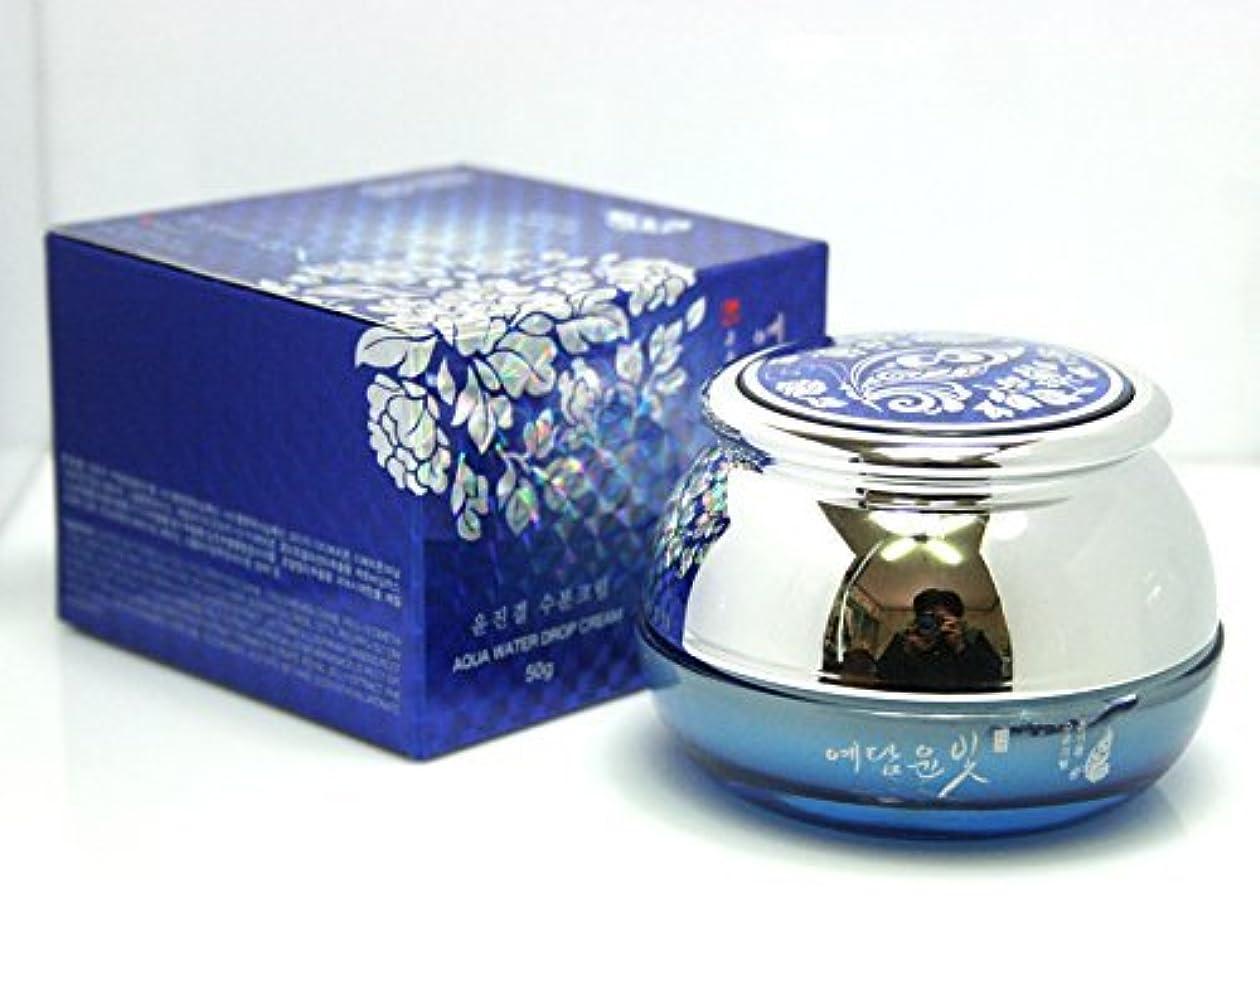 飛行場好ましい共産主義者[YEDAM YUN BIT] Yunjin Gyeolアクアウォータードロップクリーム50g / オリエンタルハーブ / 韓国化粧品 / Yunjin Gyeol Aqua Water Drop Cream 50g /...